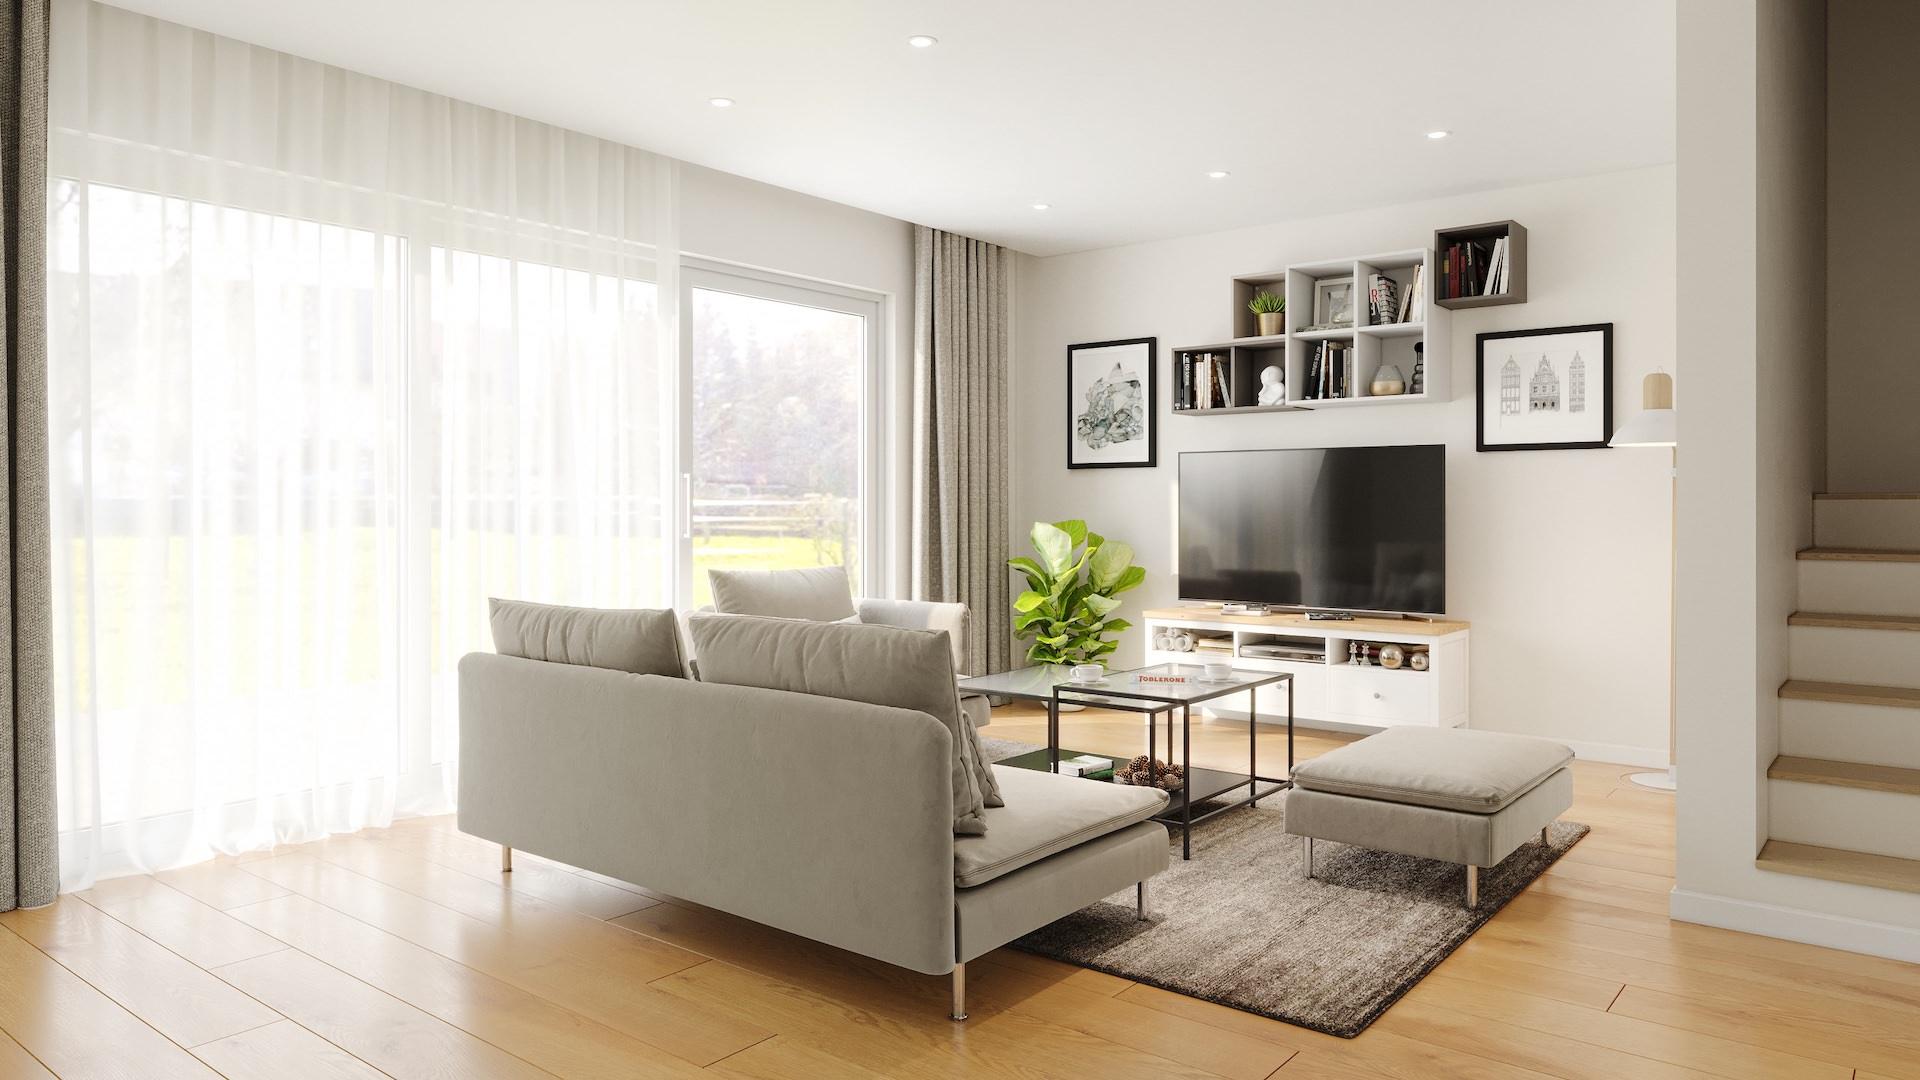 Visualisierung des Wohnzimmers